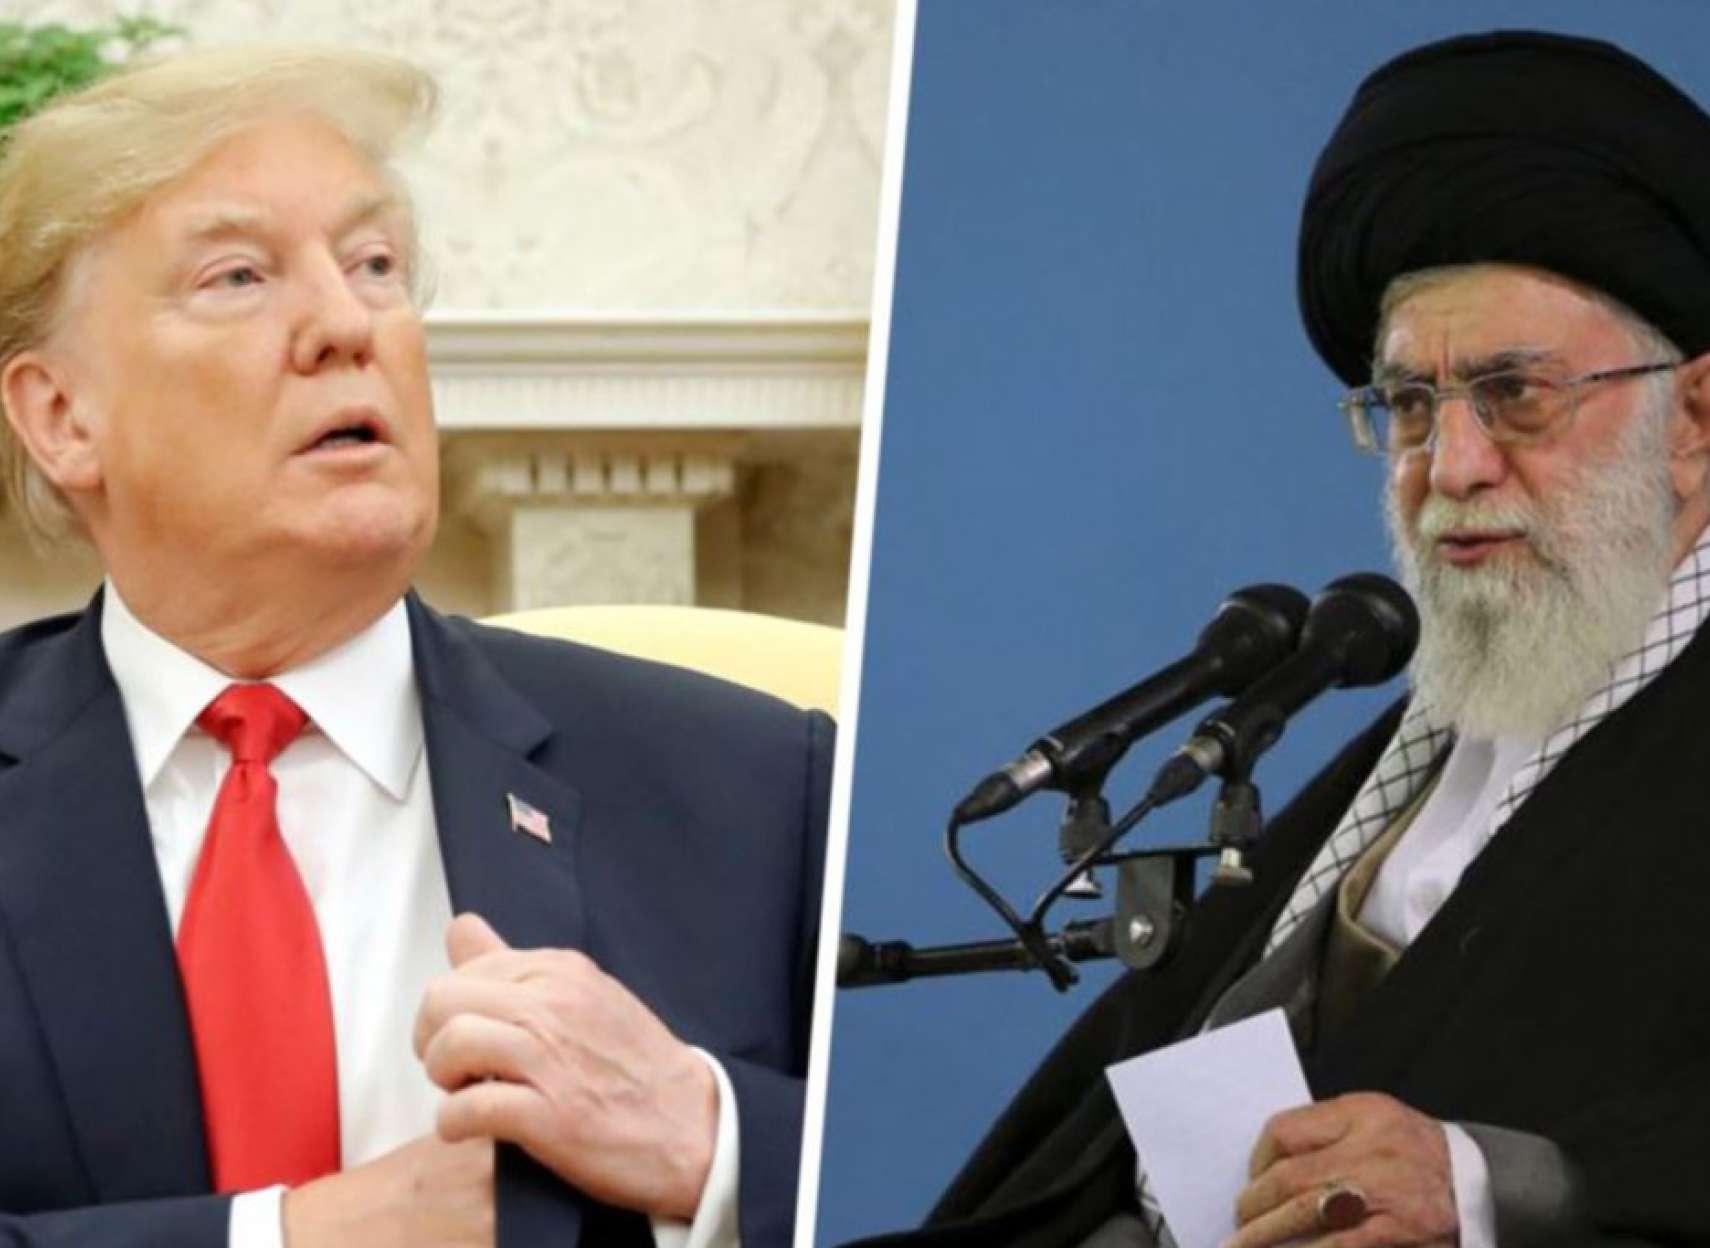 اقتصاد-تنباکویی-گالوپ-اکثریت-آمریکاییها-مخالف-جنگ-با-ایران-هستند